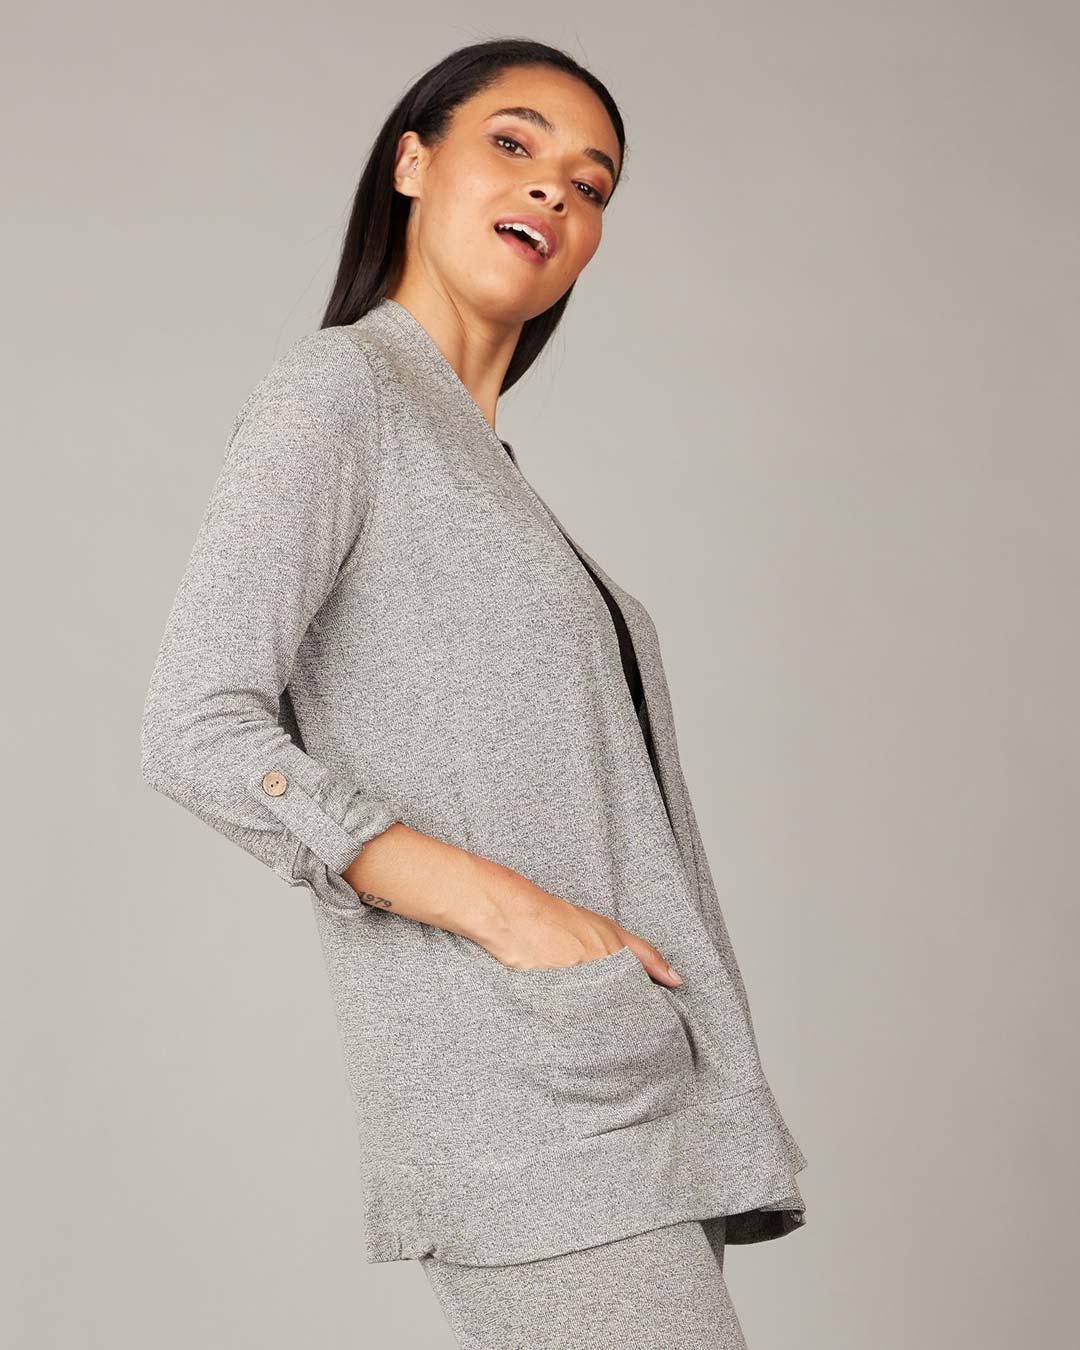 pistache-clothing-melange-knit-cardigan-dianes-lingerie-vancouver-1080x1350